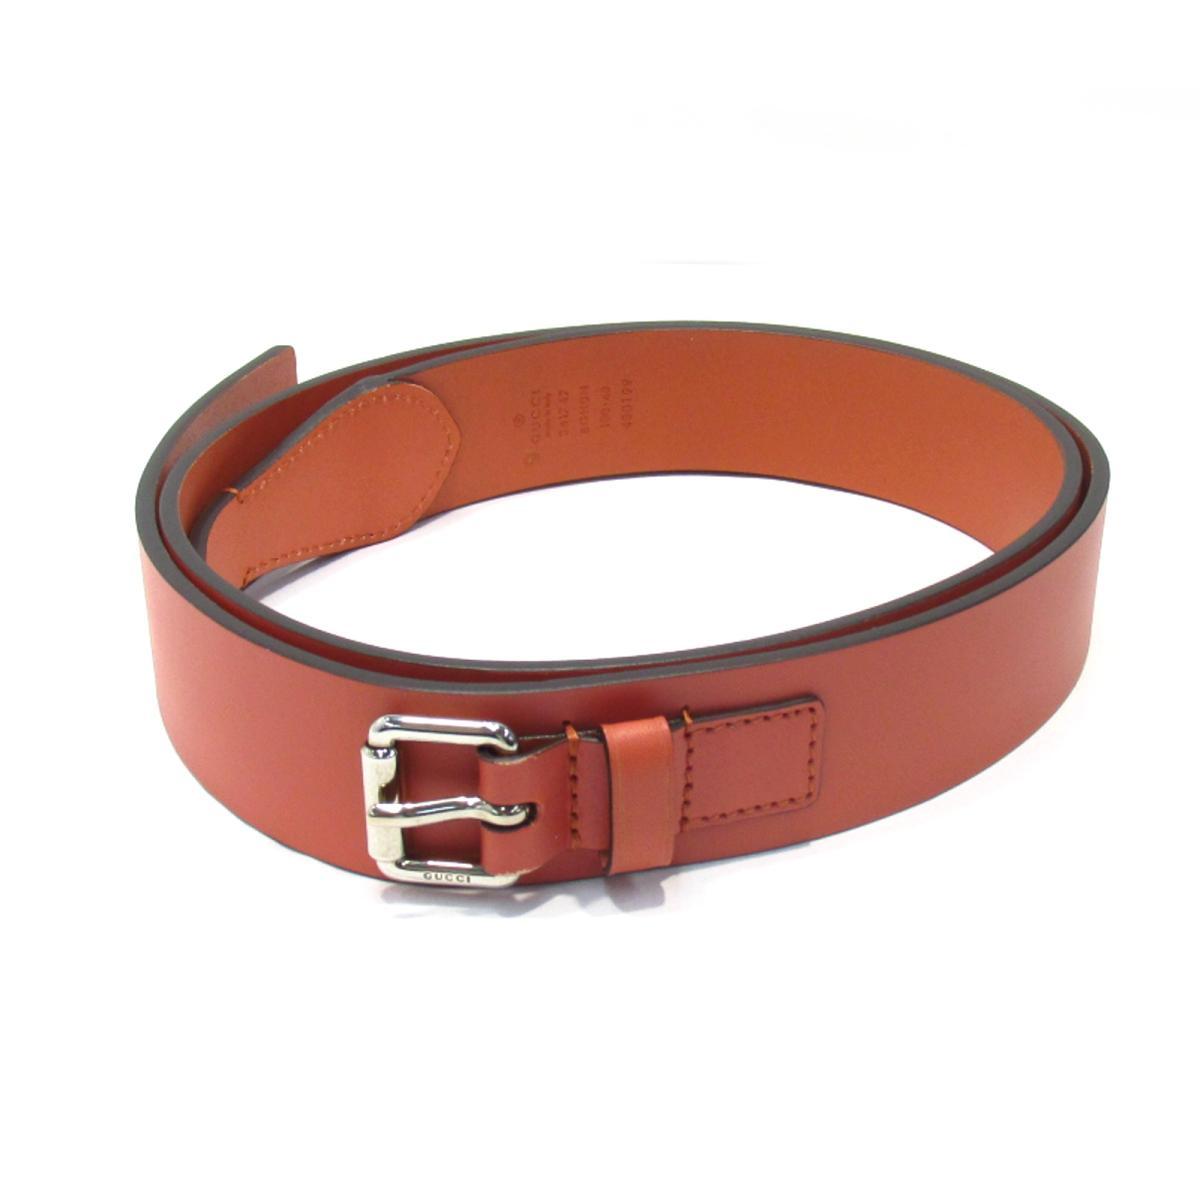 c19e095ac6a BRANDOFF GINZA  Gucci belt men leather orange (341747)